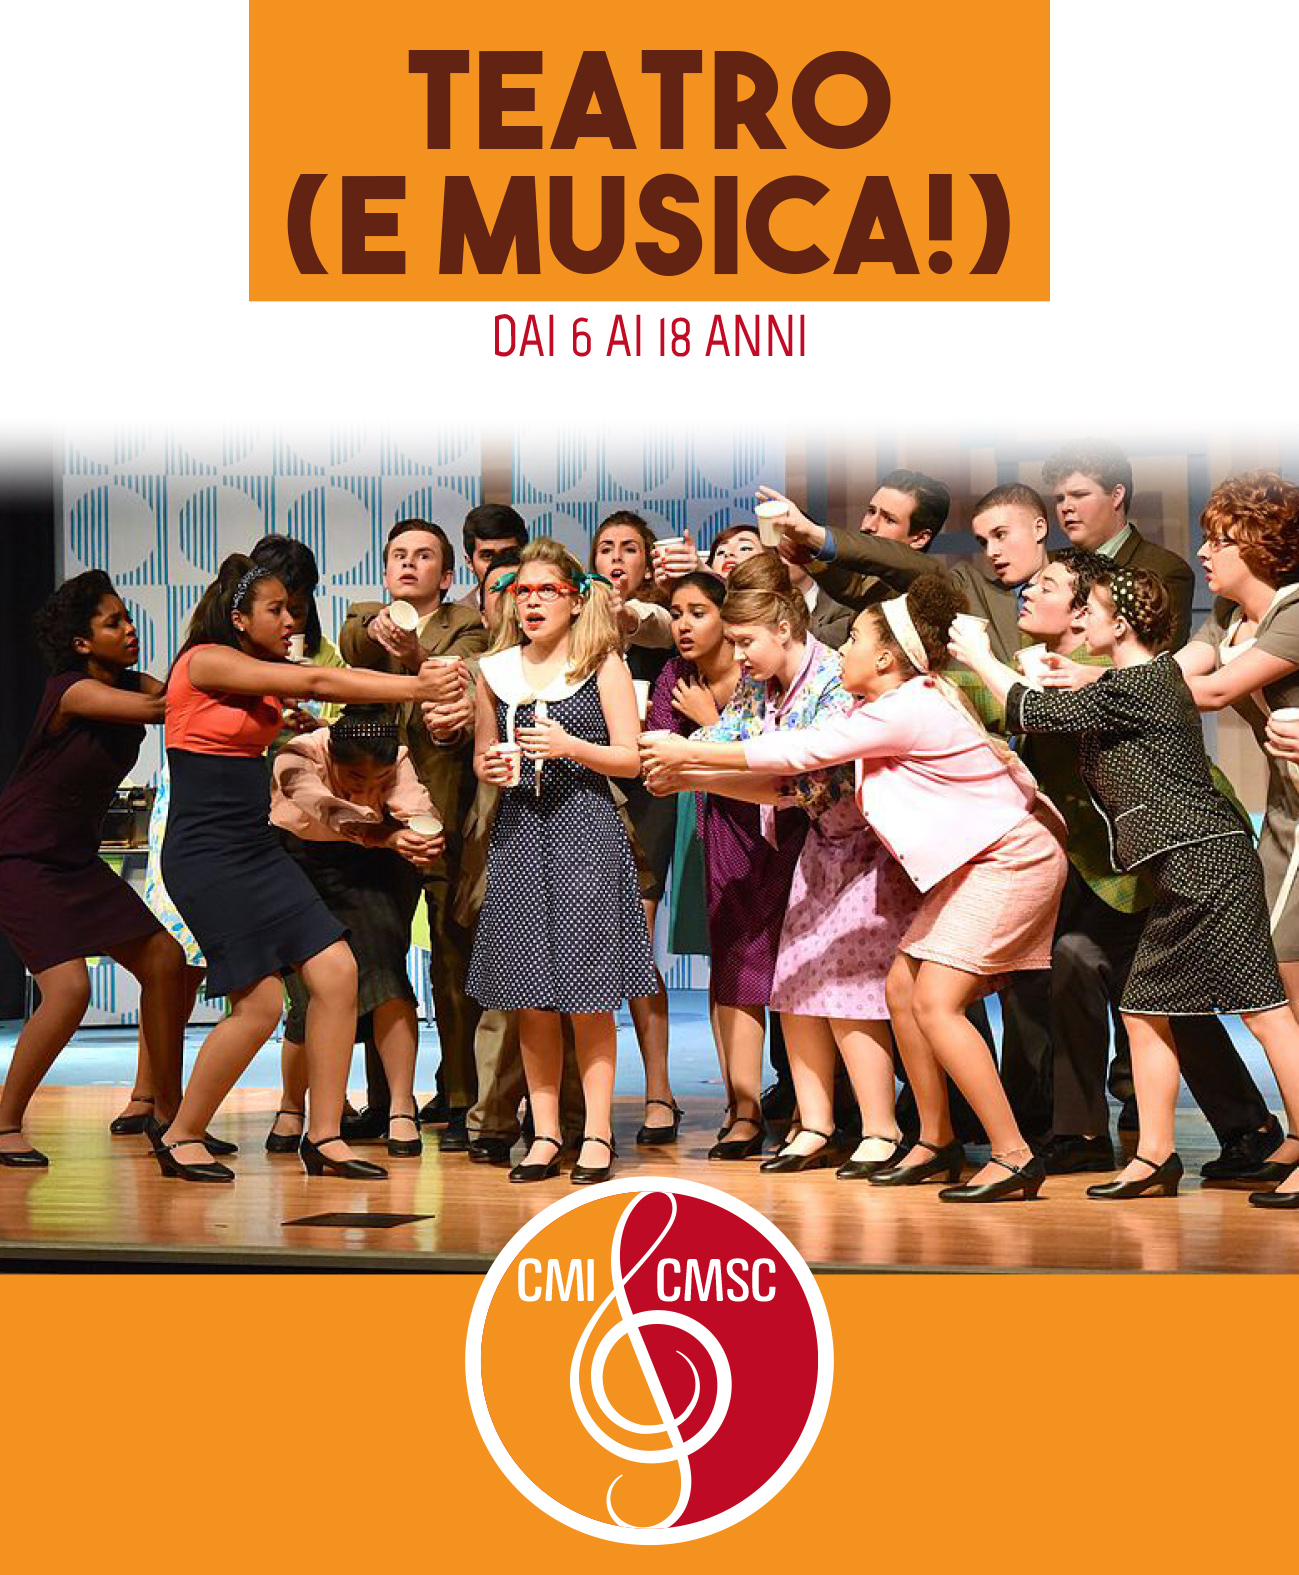 Teatro (e musica!)